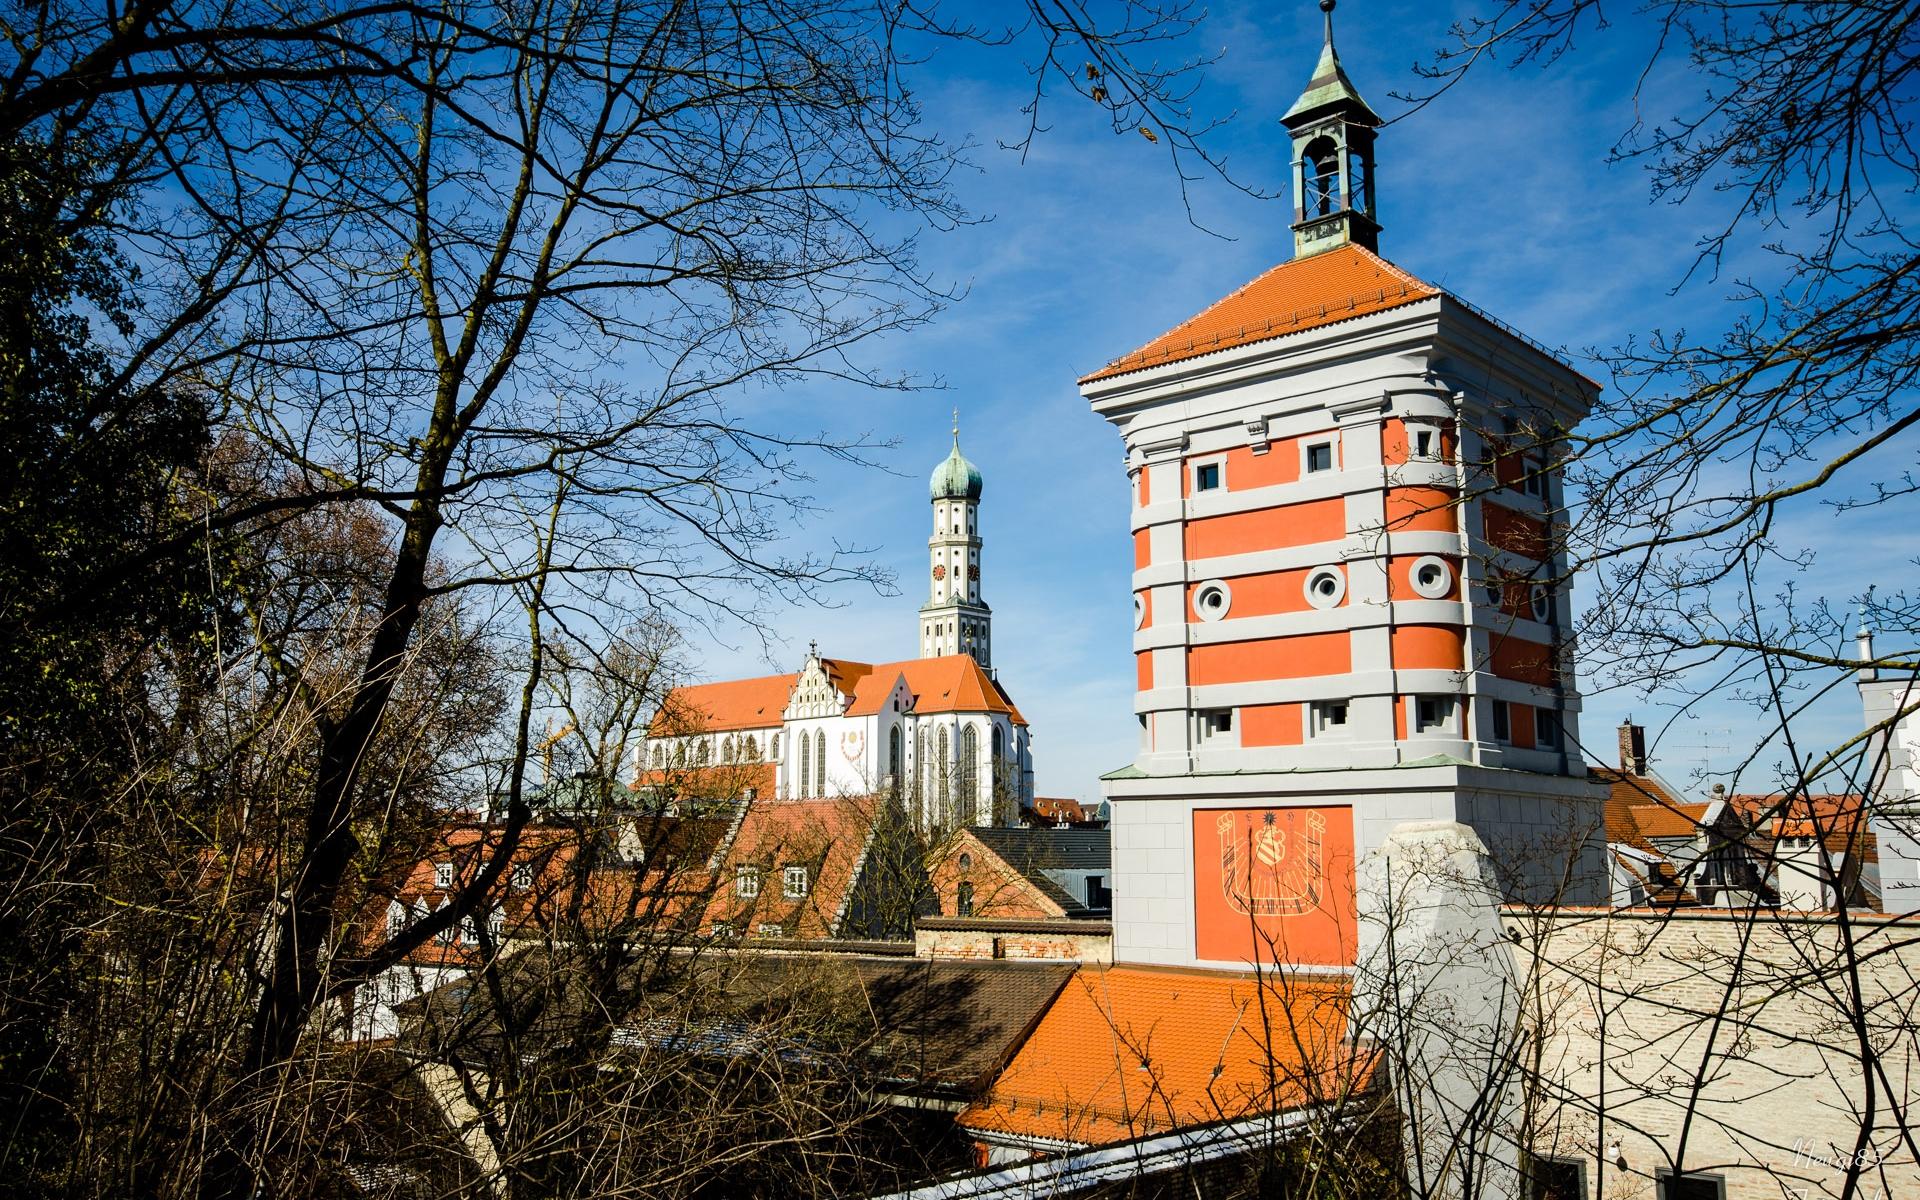 Meridian Hausverwaltung Augsburg Und Umgebung Aber Auch